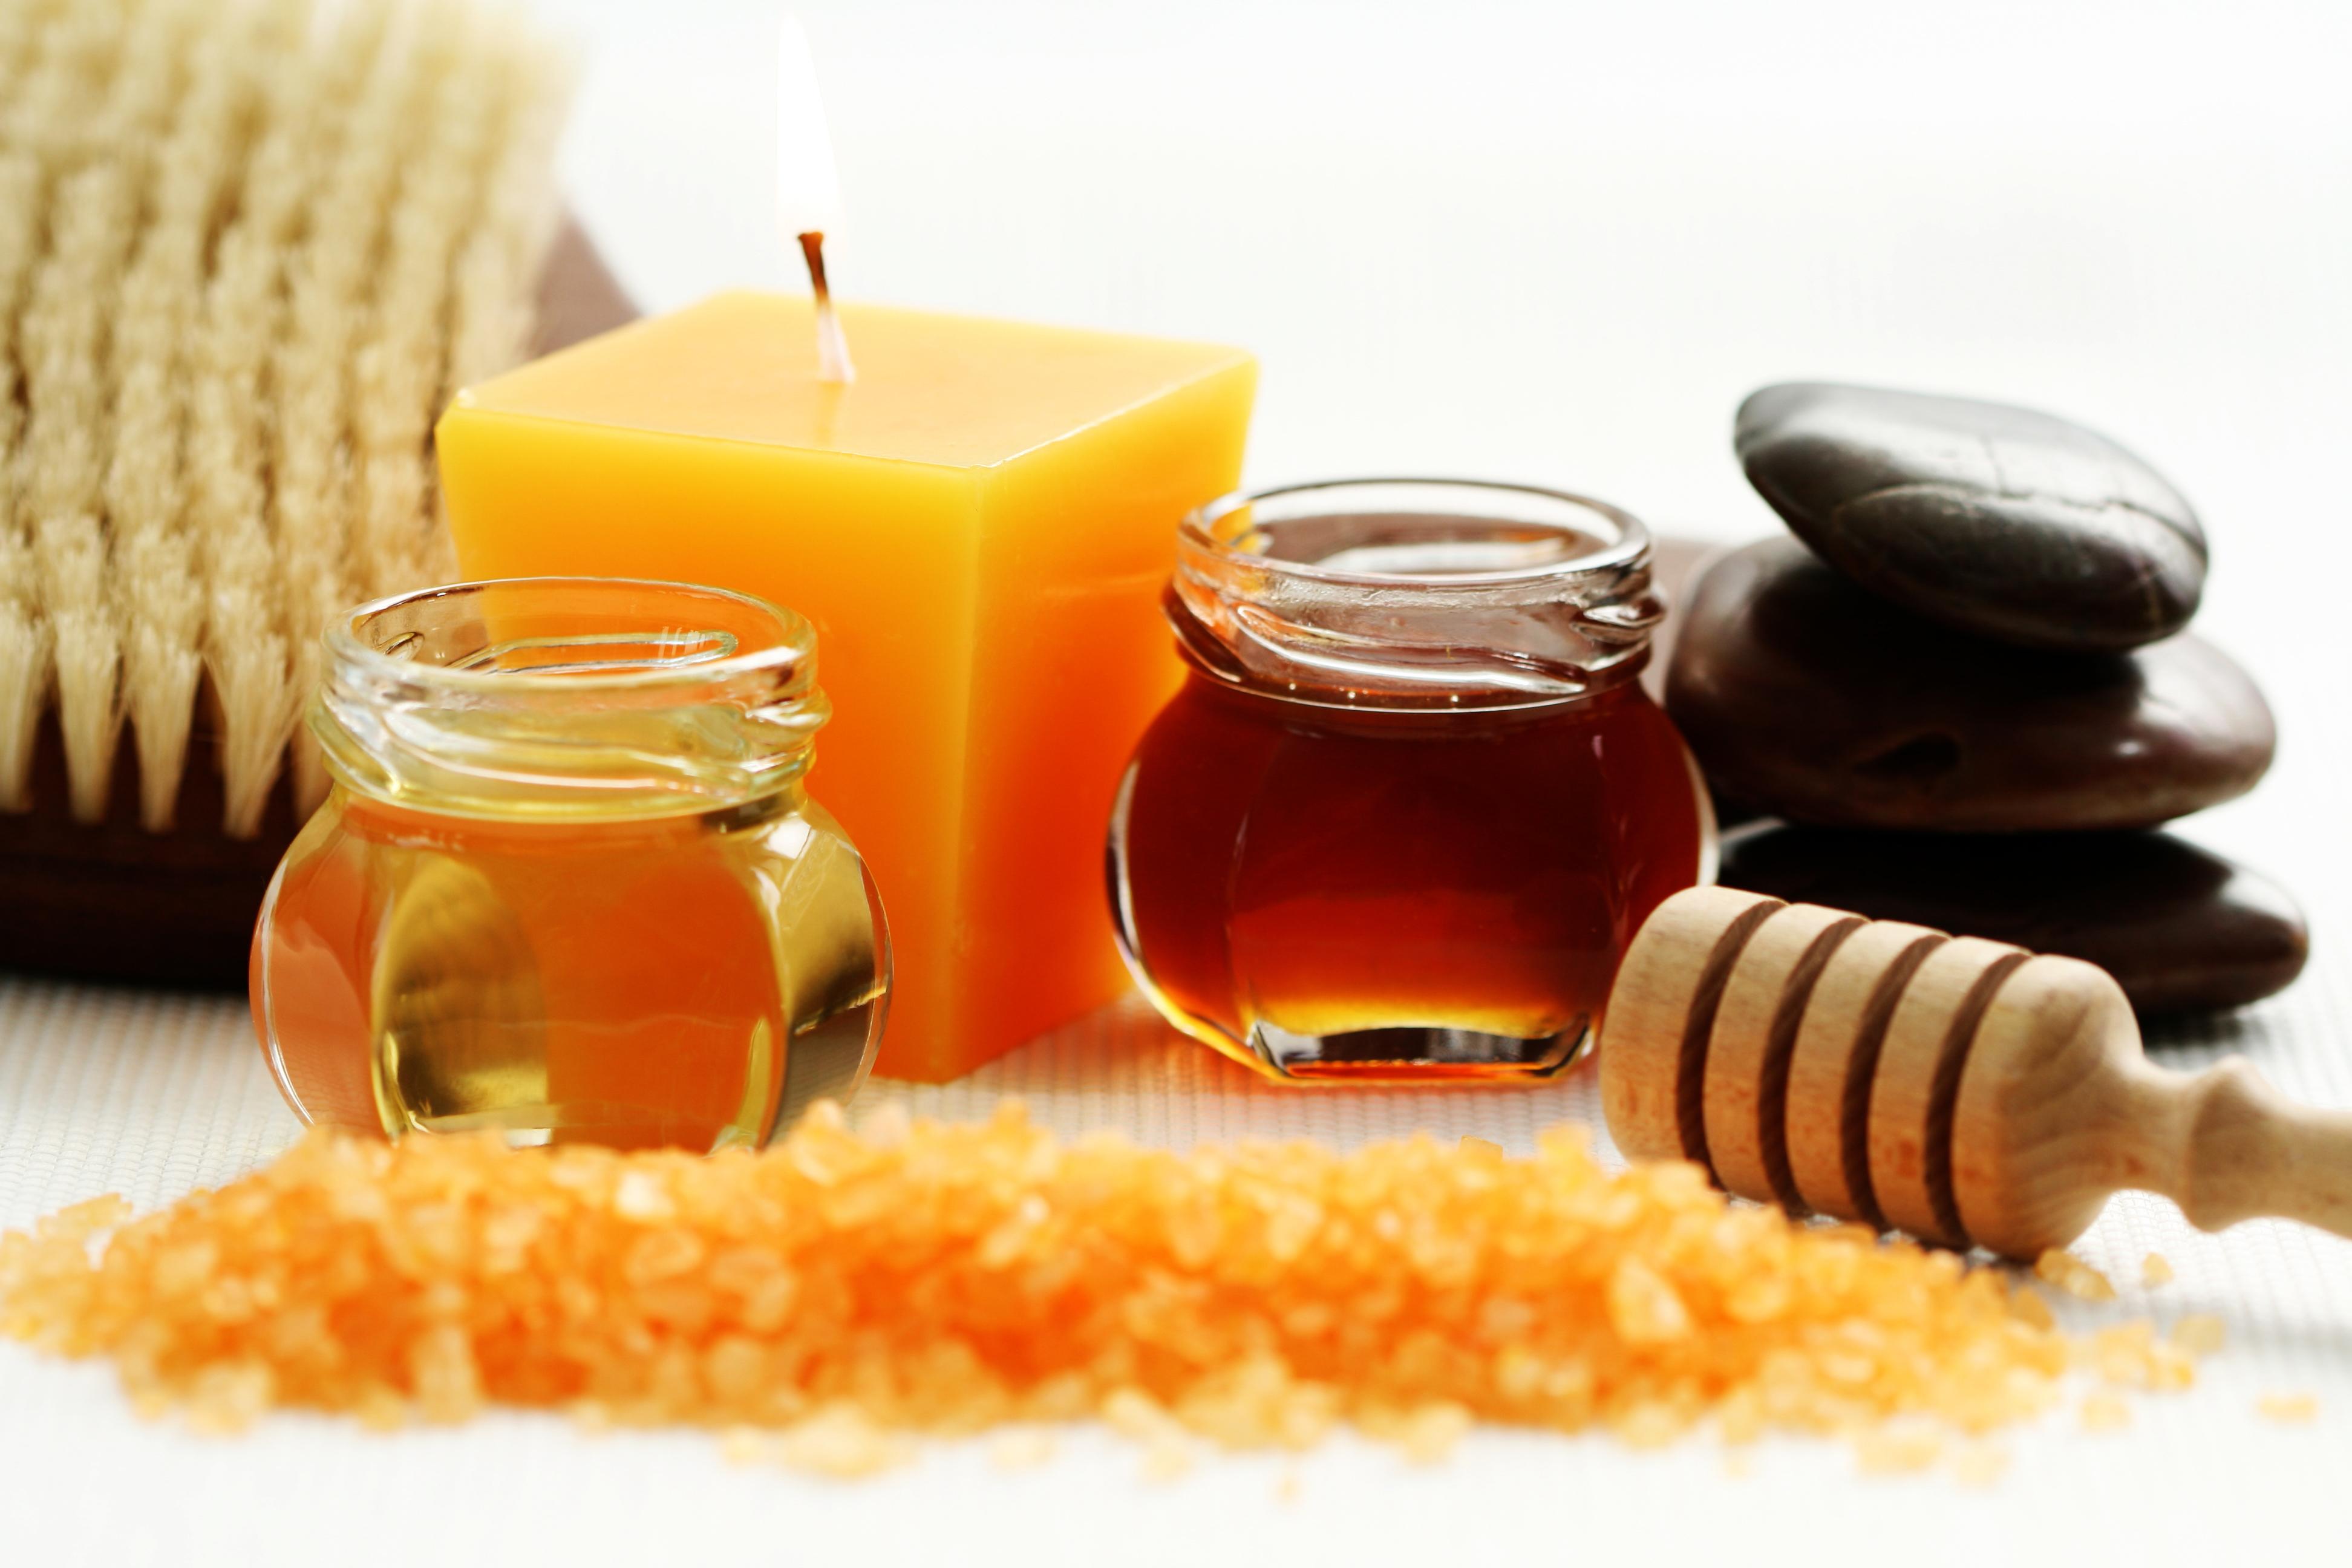 Массаж с медом от остеохондроза в домашних условиях 52